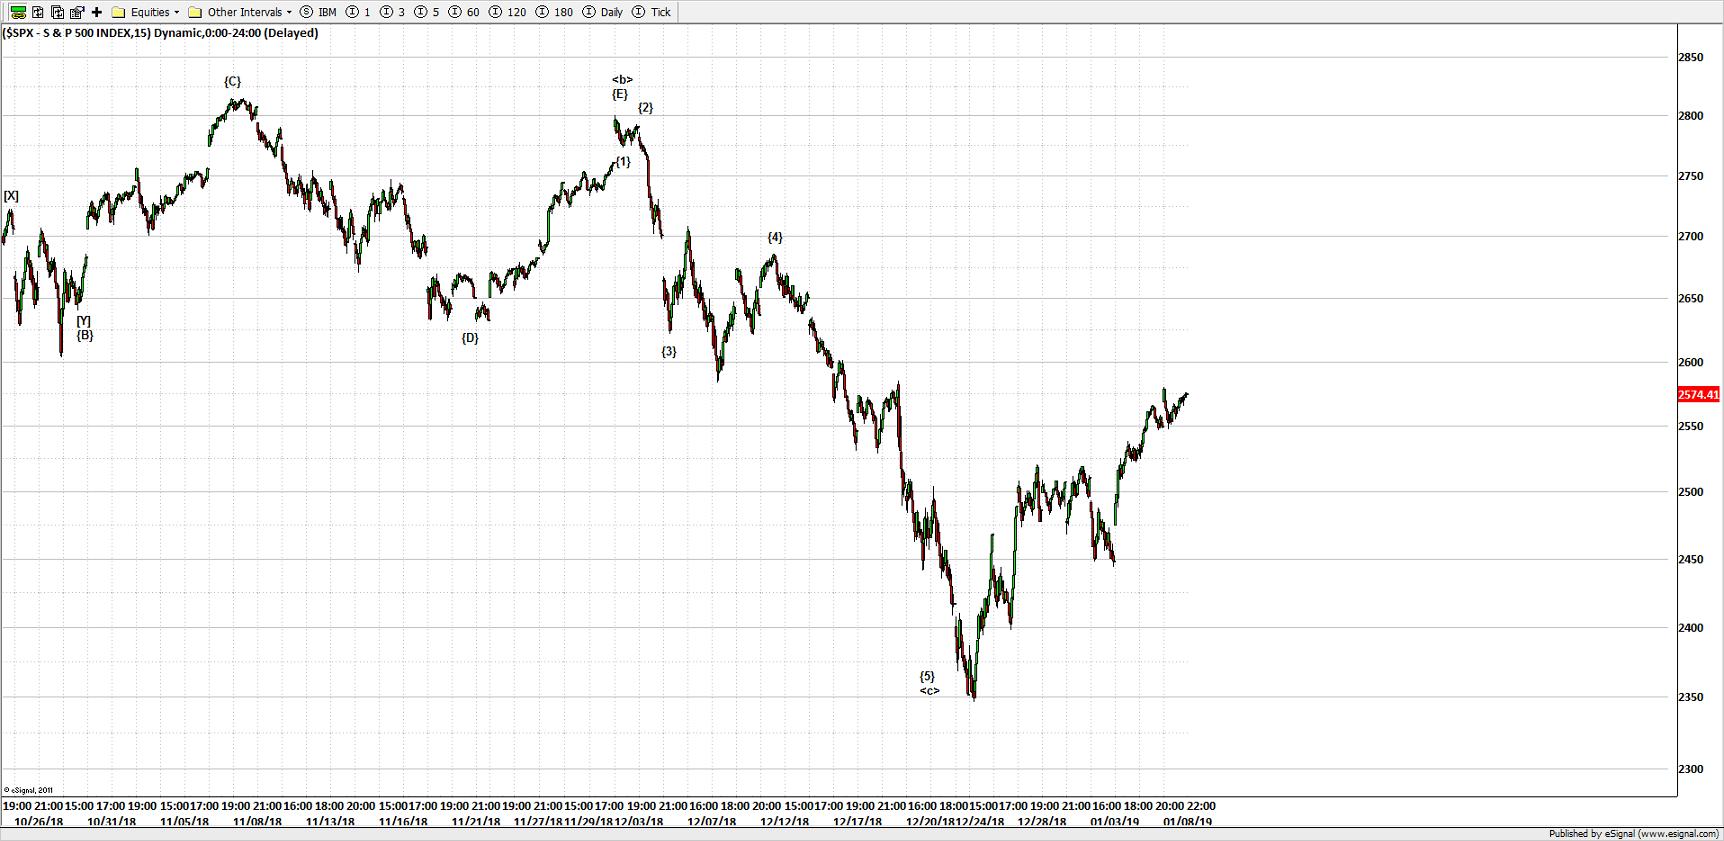 S&P 500 15 MIN